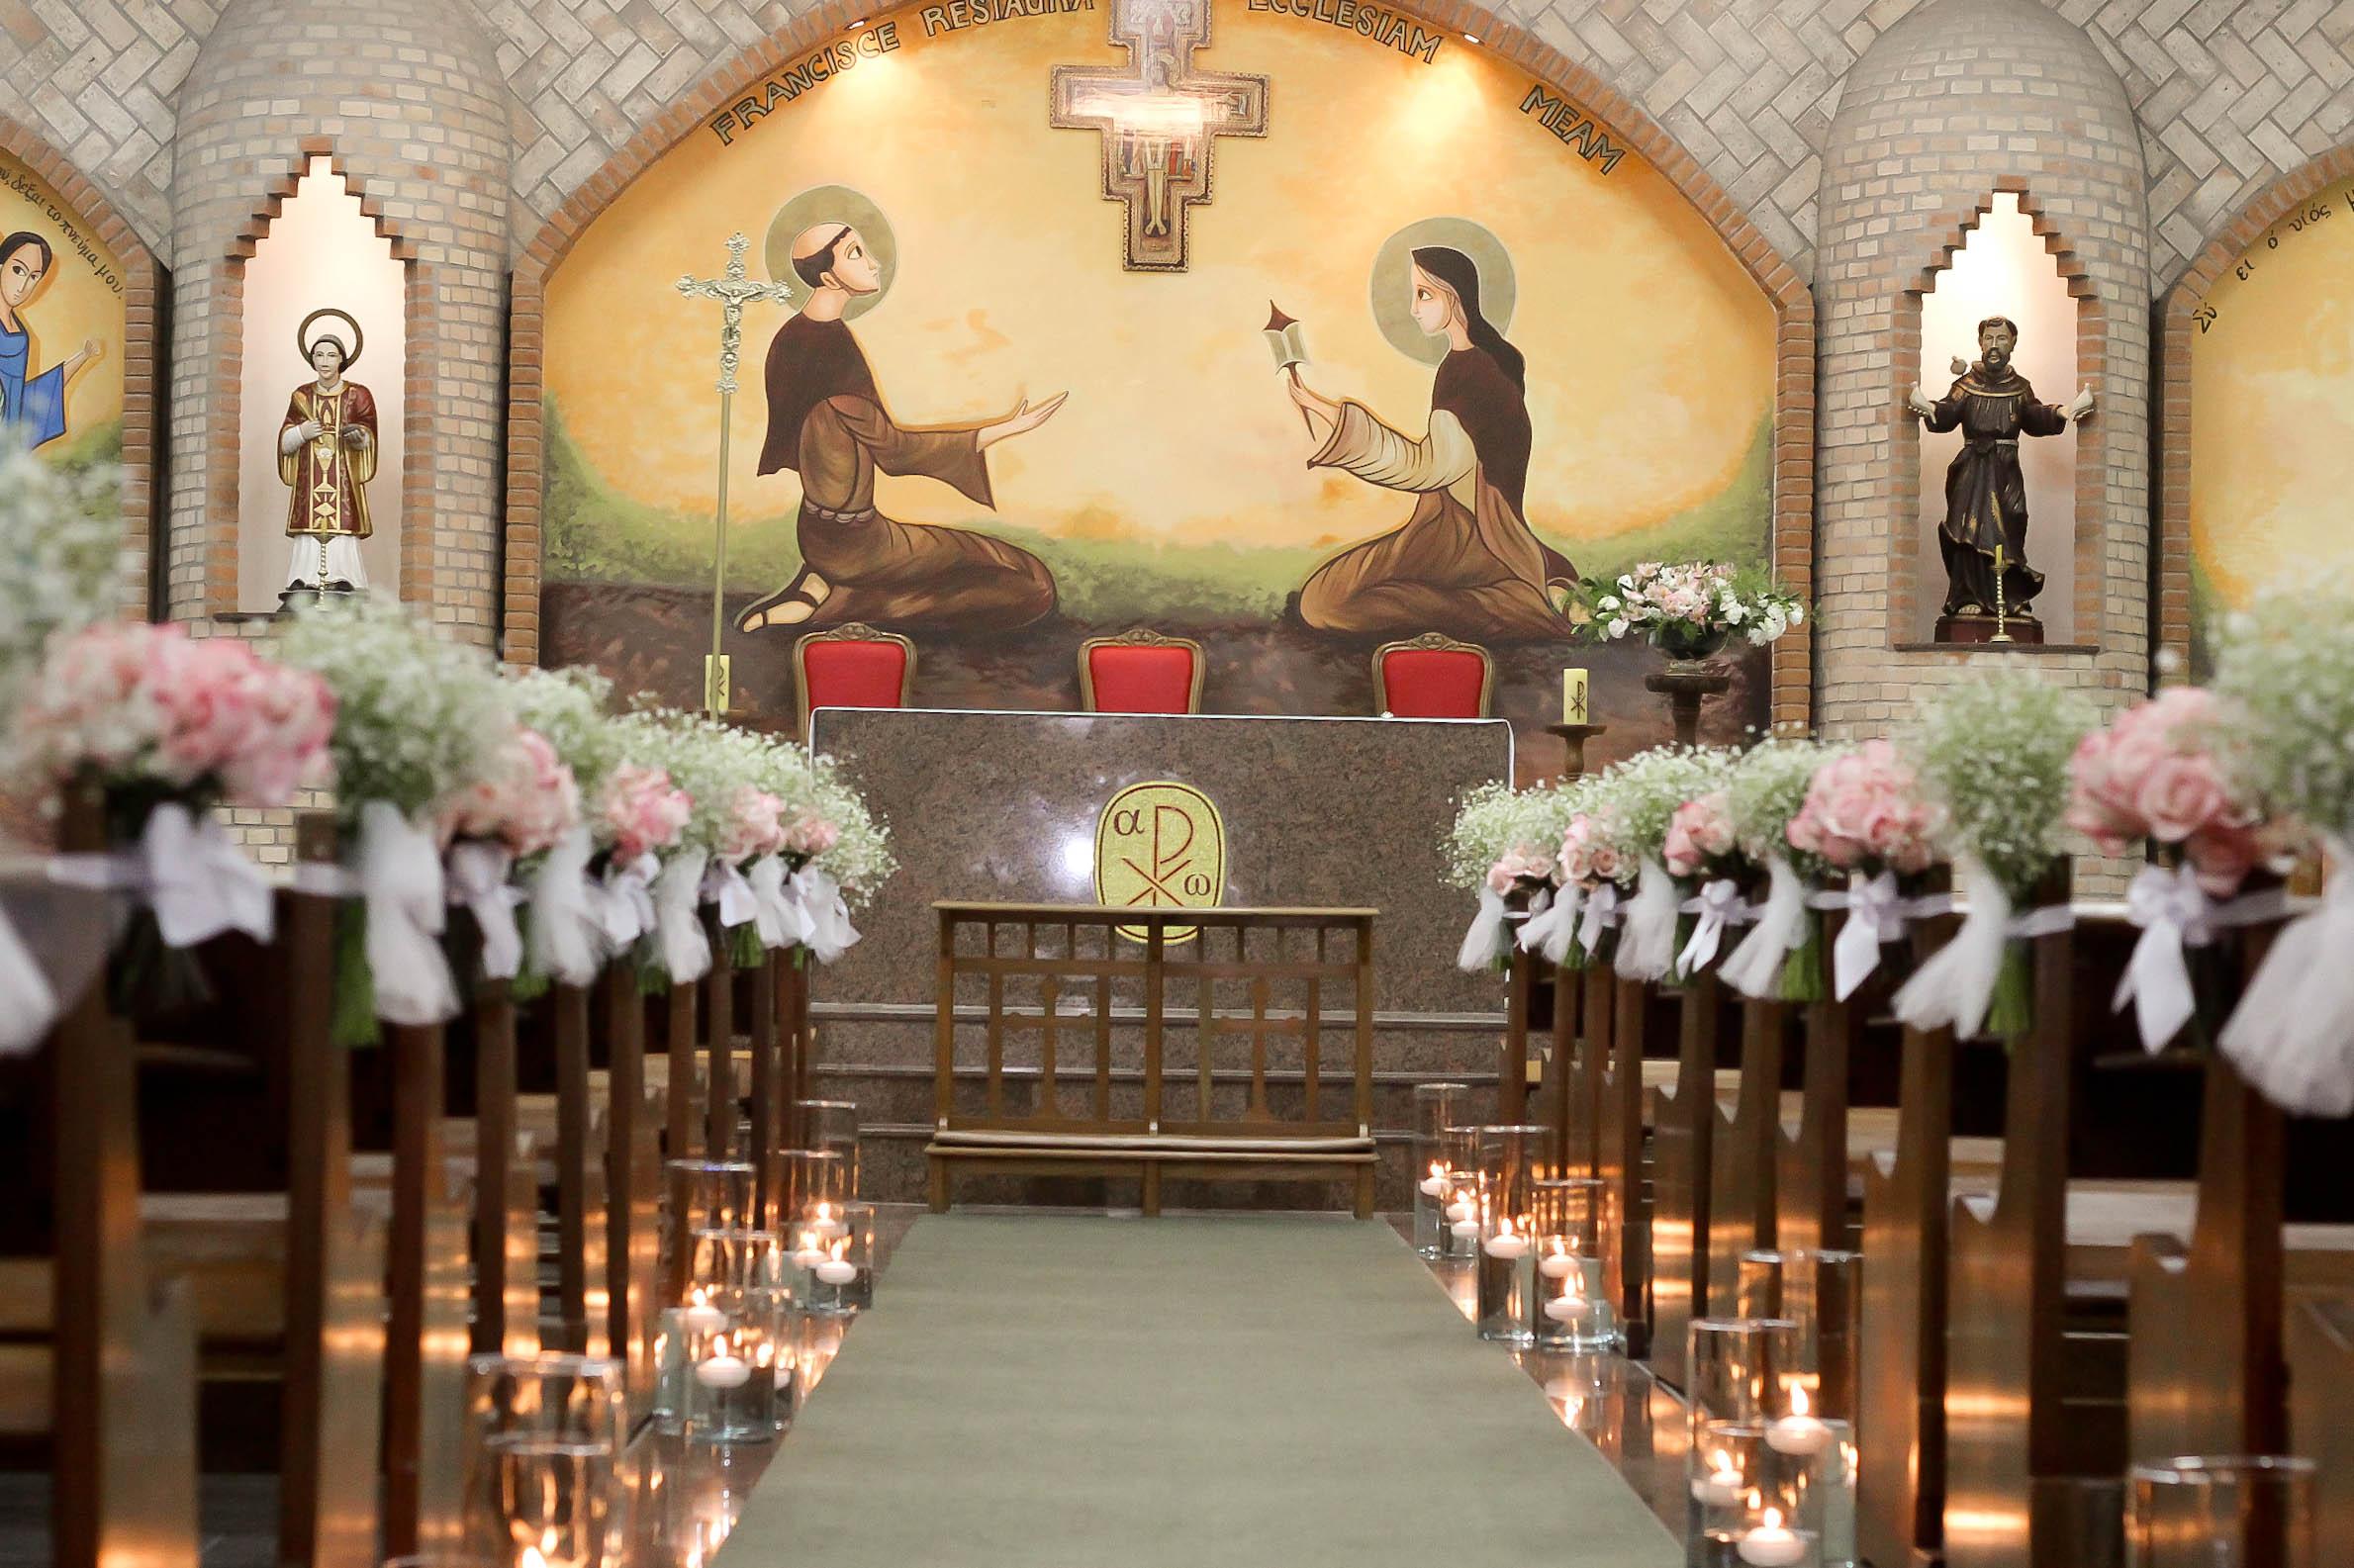 casamento Santinha do pau oco -> Fotos Decoração De Igreja Para Casamento Simples